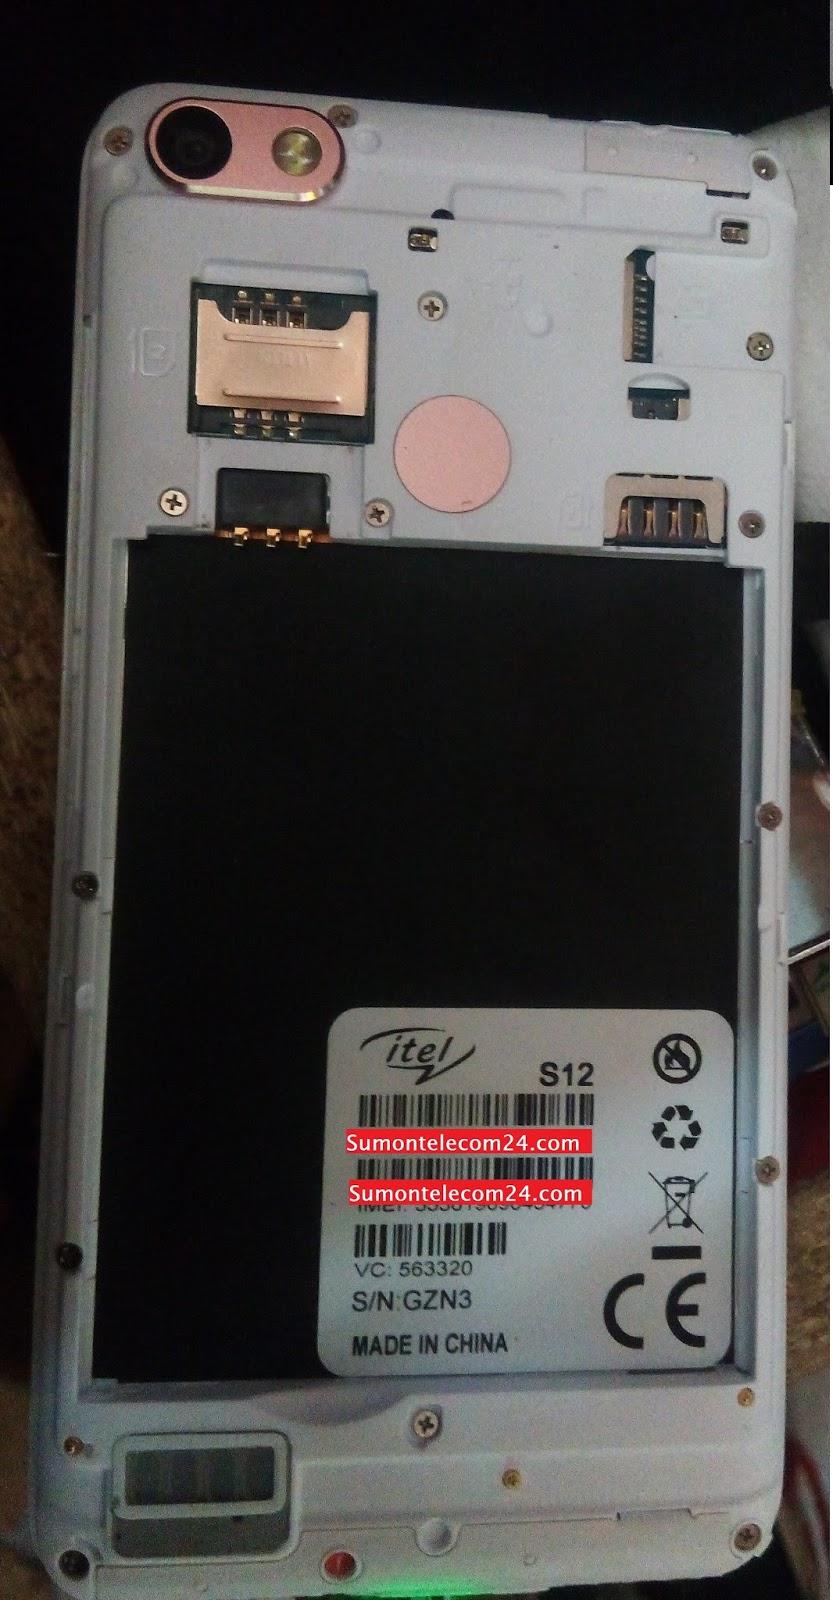 Mt6580 Da File Download